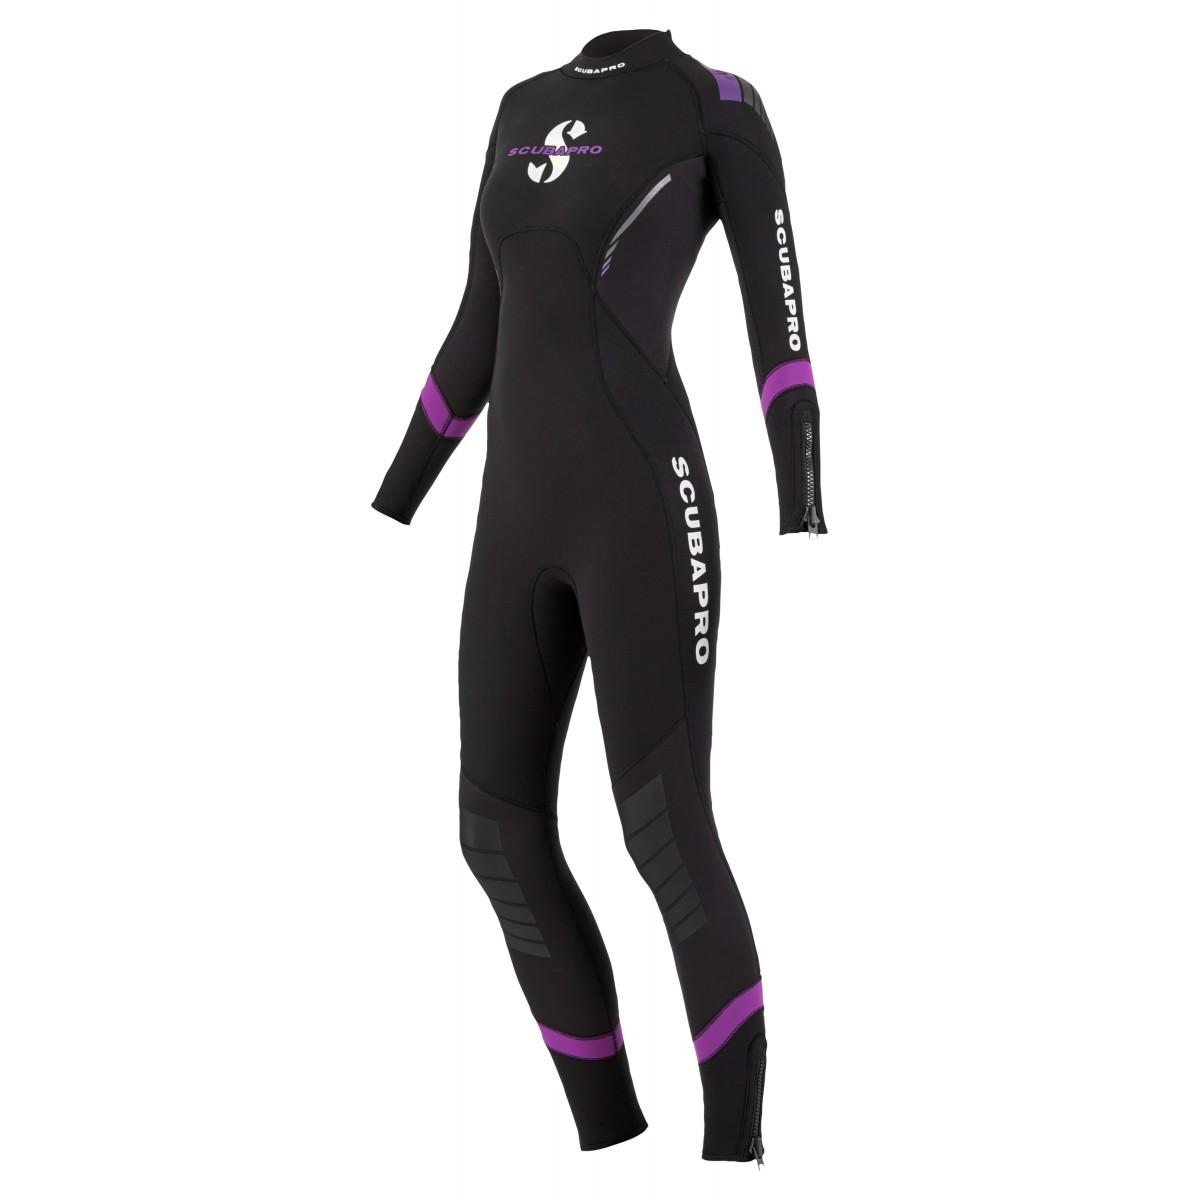 Scubapro Women's SPORT 3mm Wetsuit